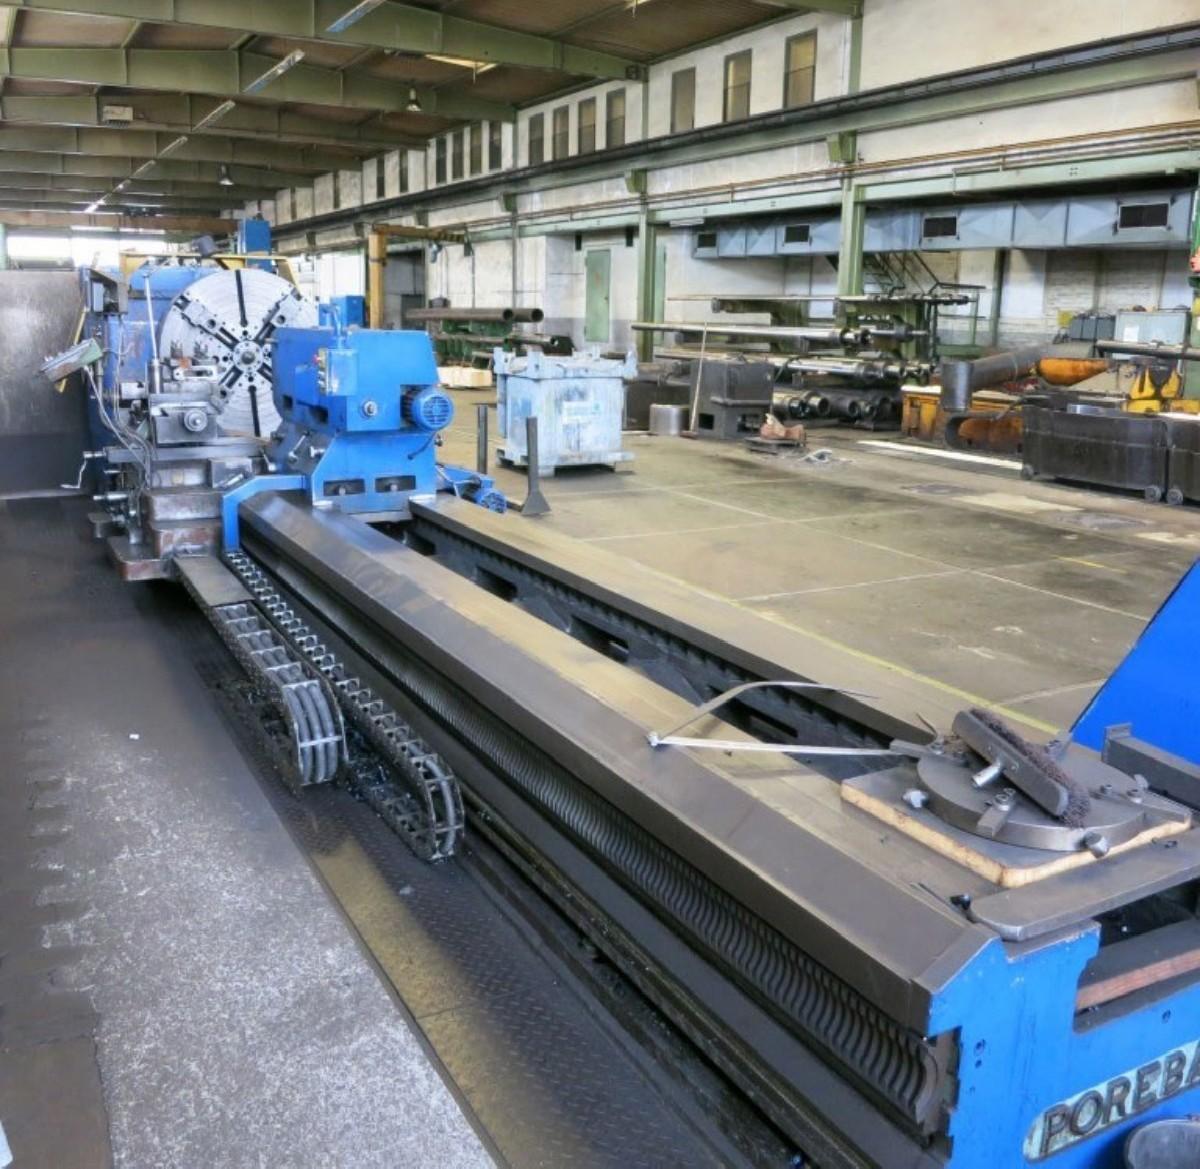 Тяжёлый токарный станок POREBA TCG 125 x 6000 Heidenhain фото на Industry-Pilot